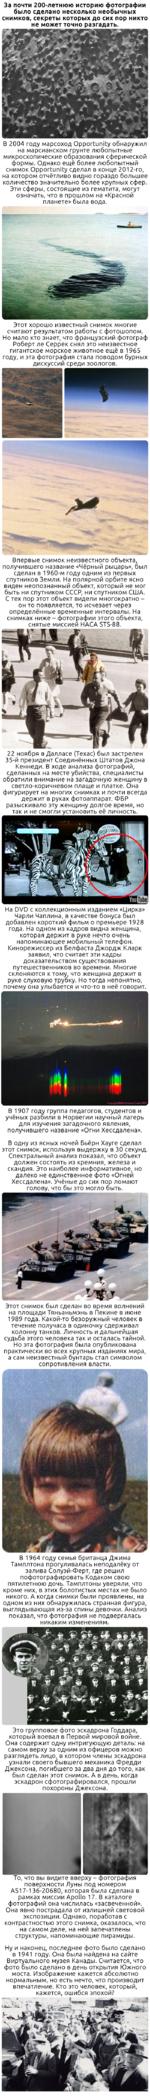 За почти 200-летнюю историю фотографии было сделано несколько необычных снимков, секреты которых до сих пор никто не может точно разгадать. В 2004 году марсоход Opportunity обнаружил на марсианском грунте любопытные микроскопические образования сферической формы. Однако ещё более любопытный снимок